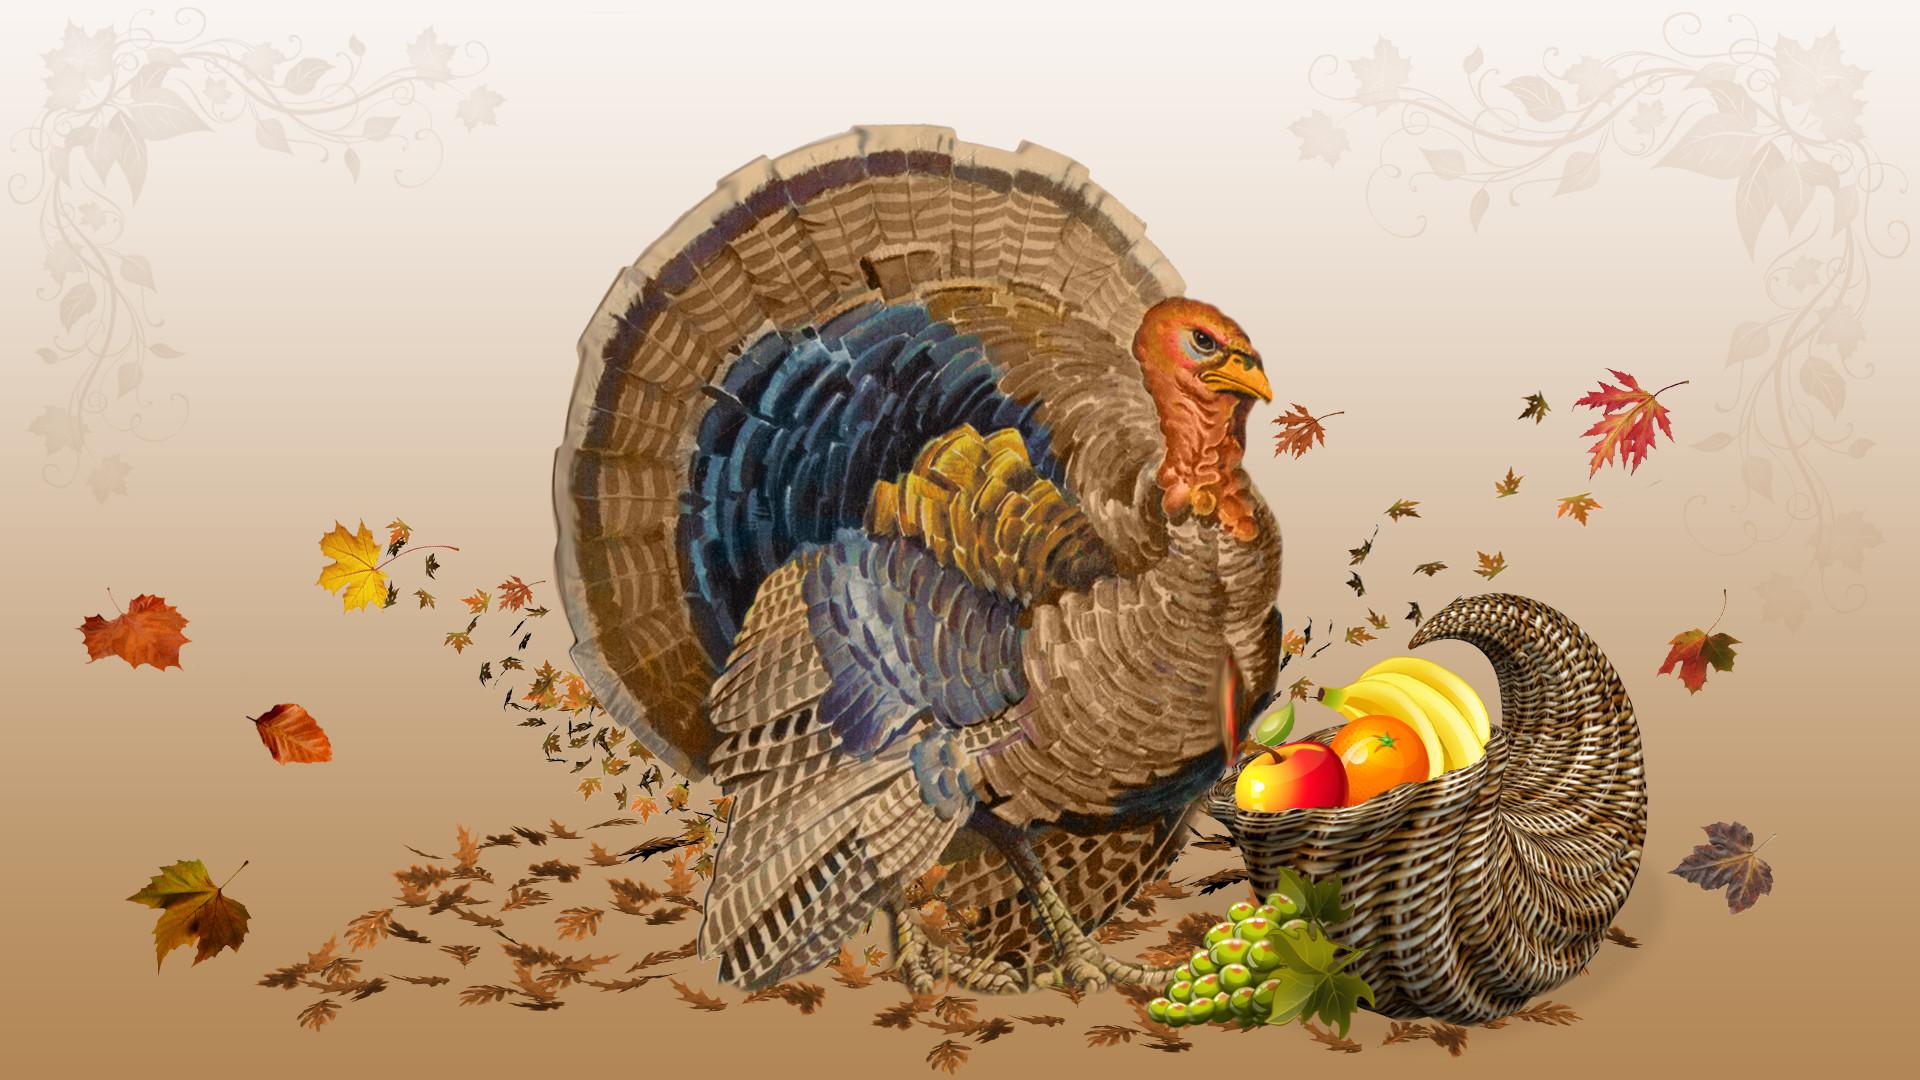 turkey wallpaper 1920x1080 - photo #13